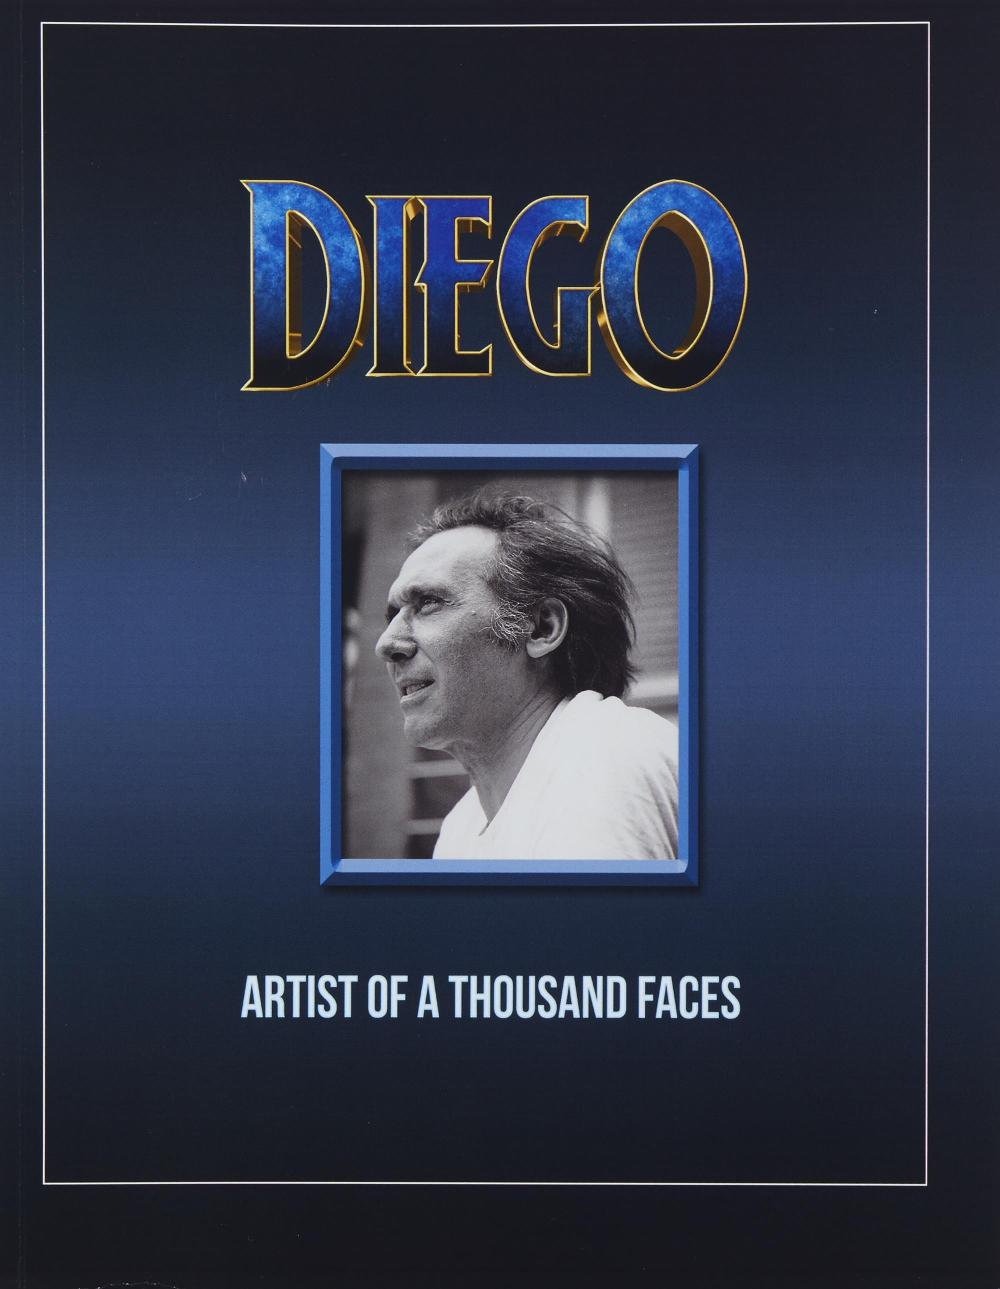 Antonio Diego Voci, (1920-1985, Italian),